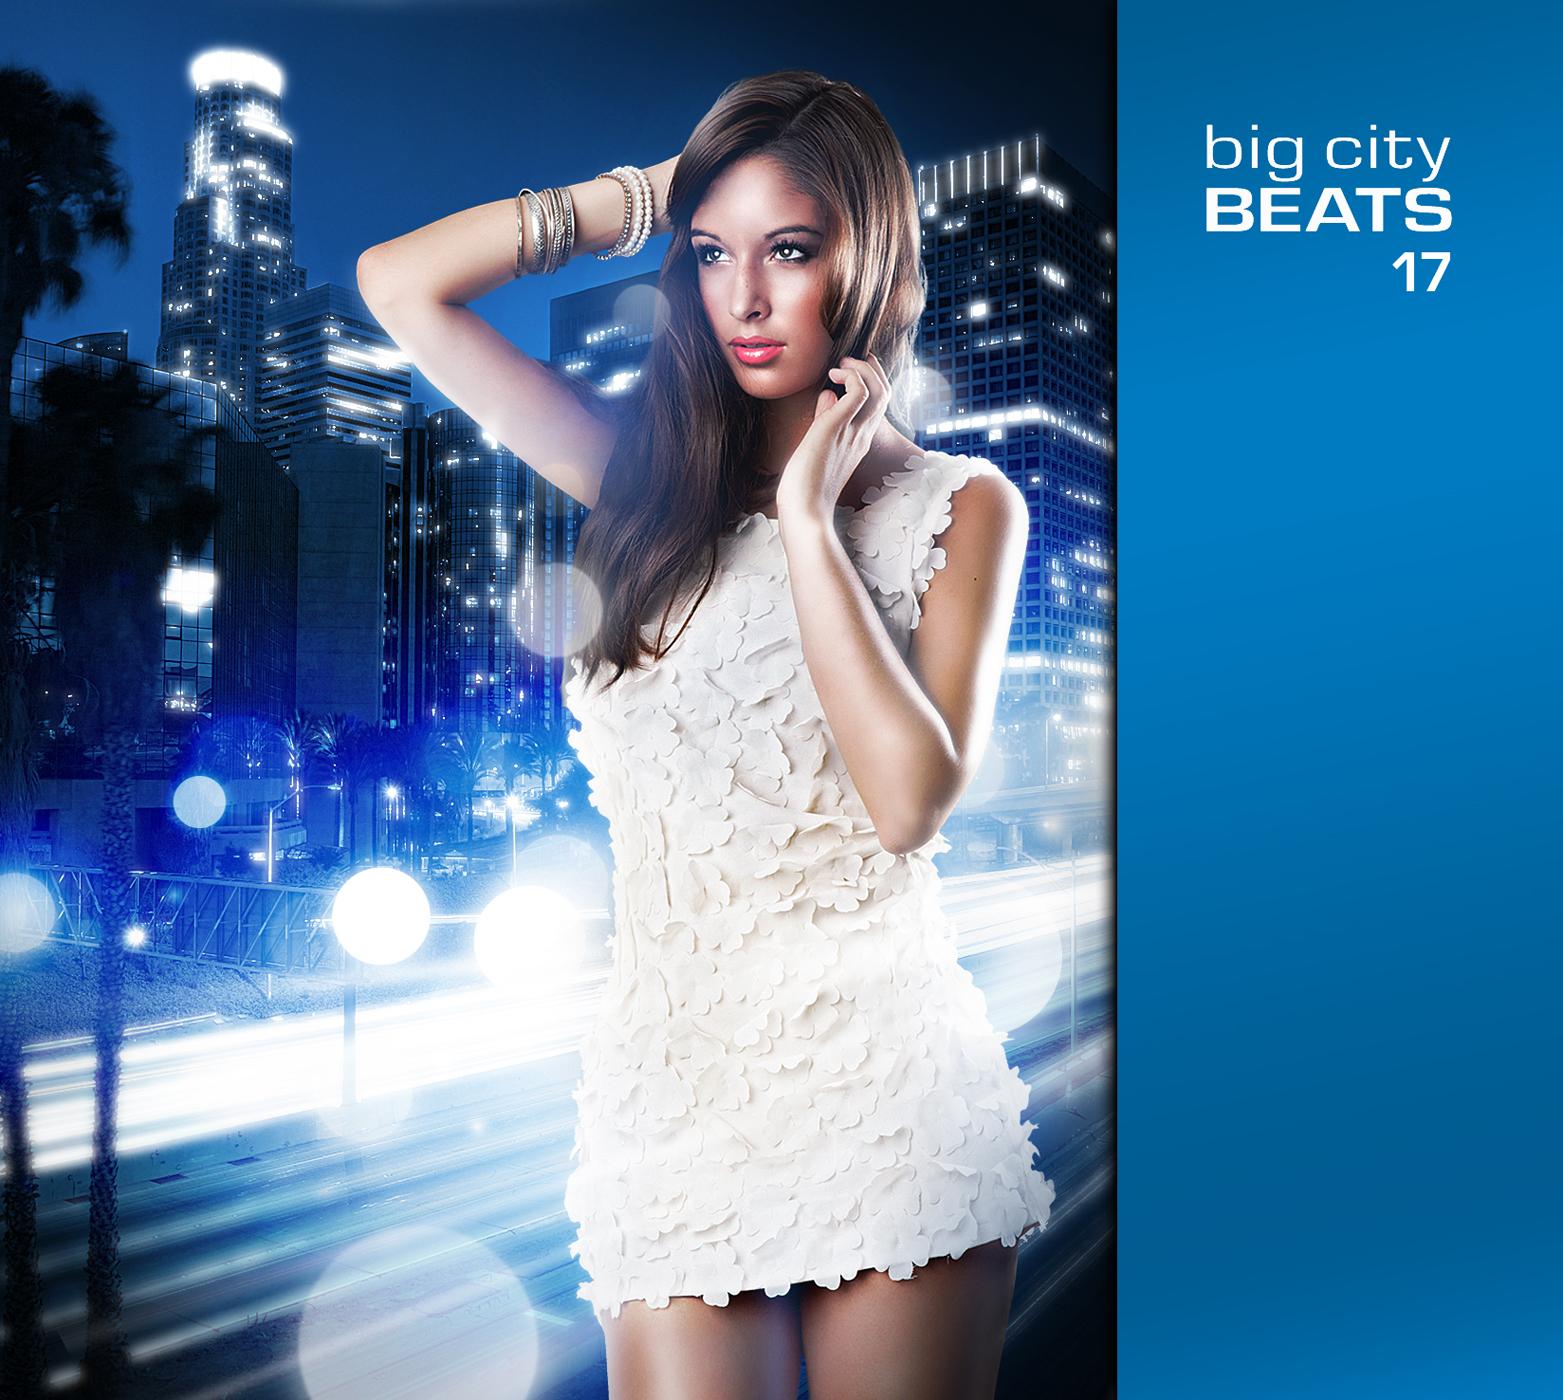 Big City Beats Vol. 17 erscheint am 5. Oktober